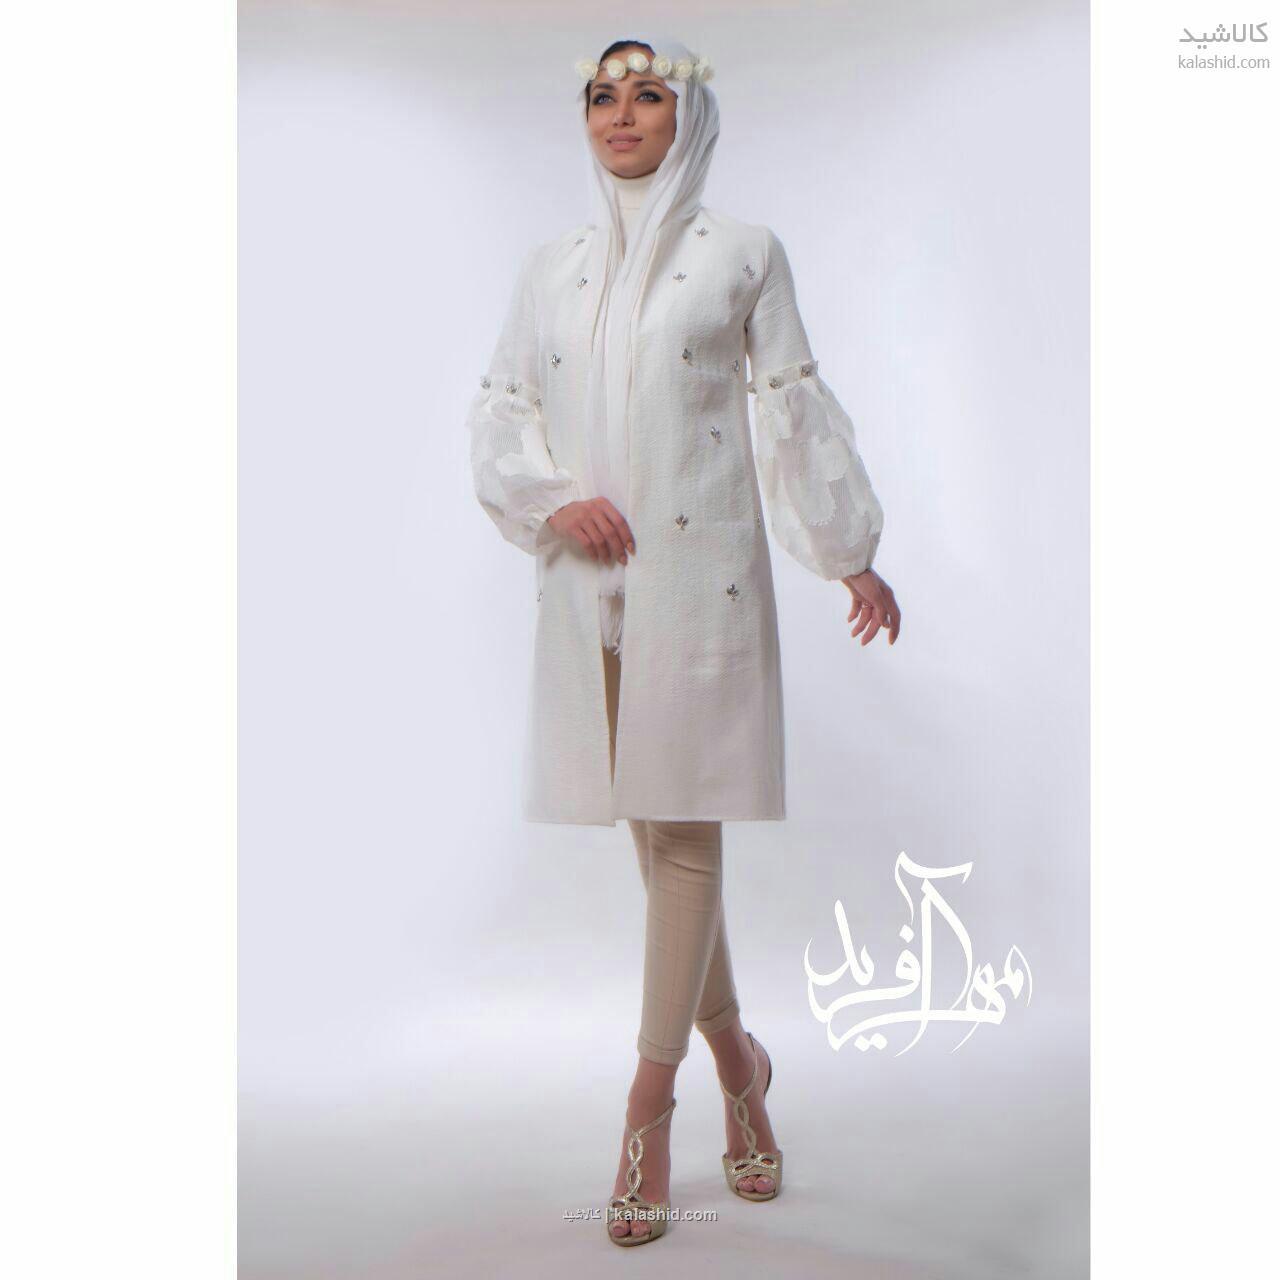 مانتو عروس مدل ساحل عقد محضری نامزدی شیک